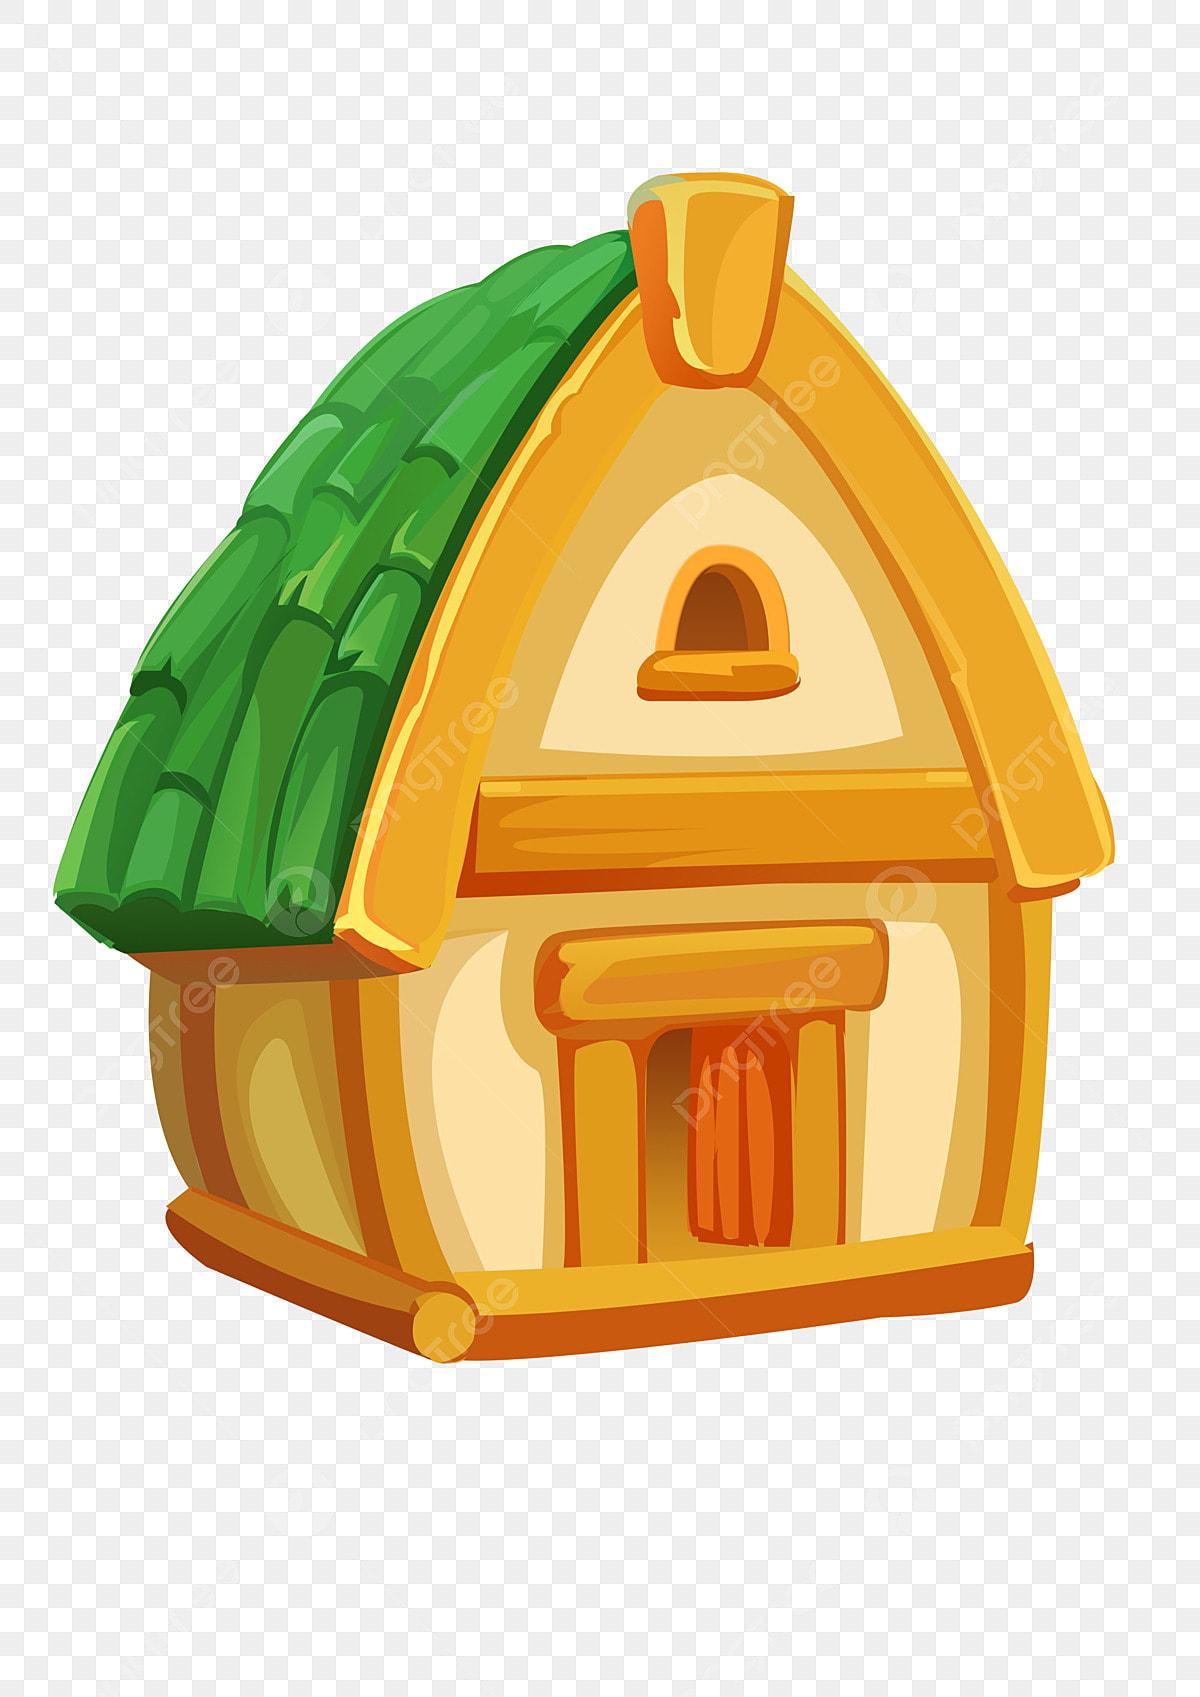 無料ダウンロードのためのアイデアの手の中の家模型 アイデアの手の中の